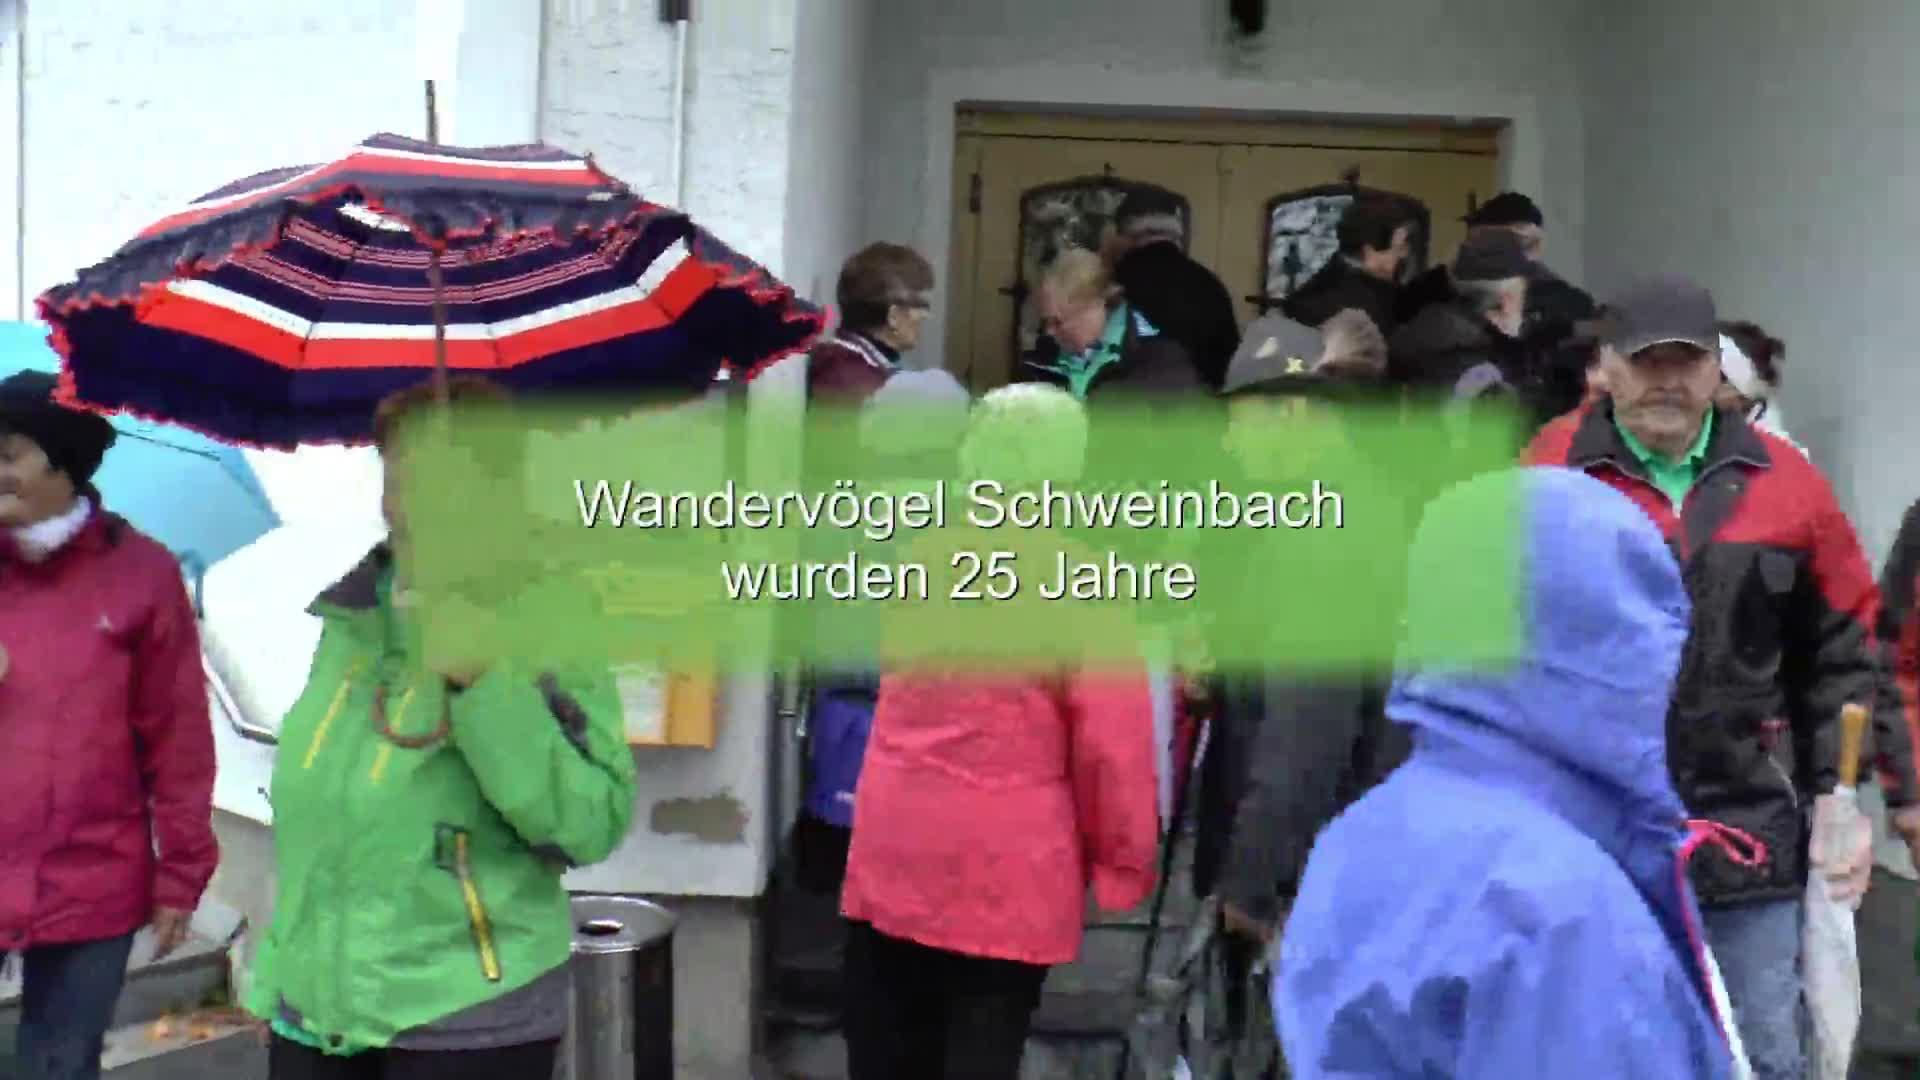 Wandervögel Schweinbach wurden 25